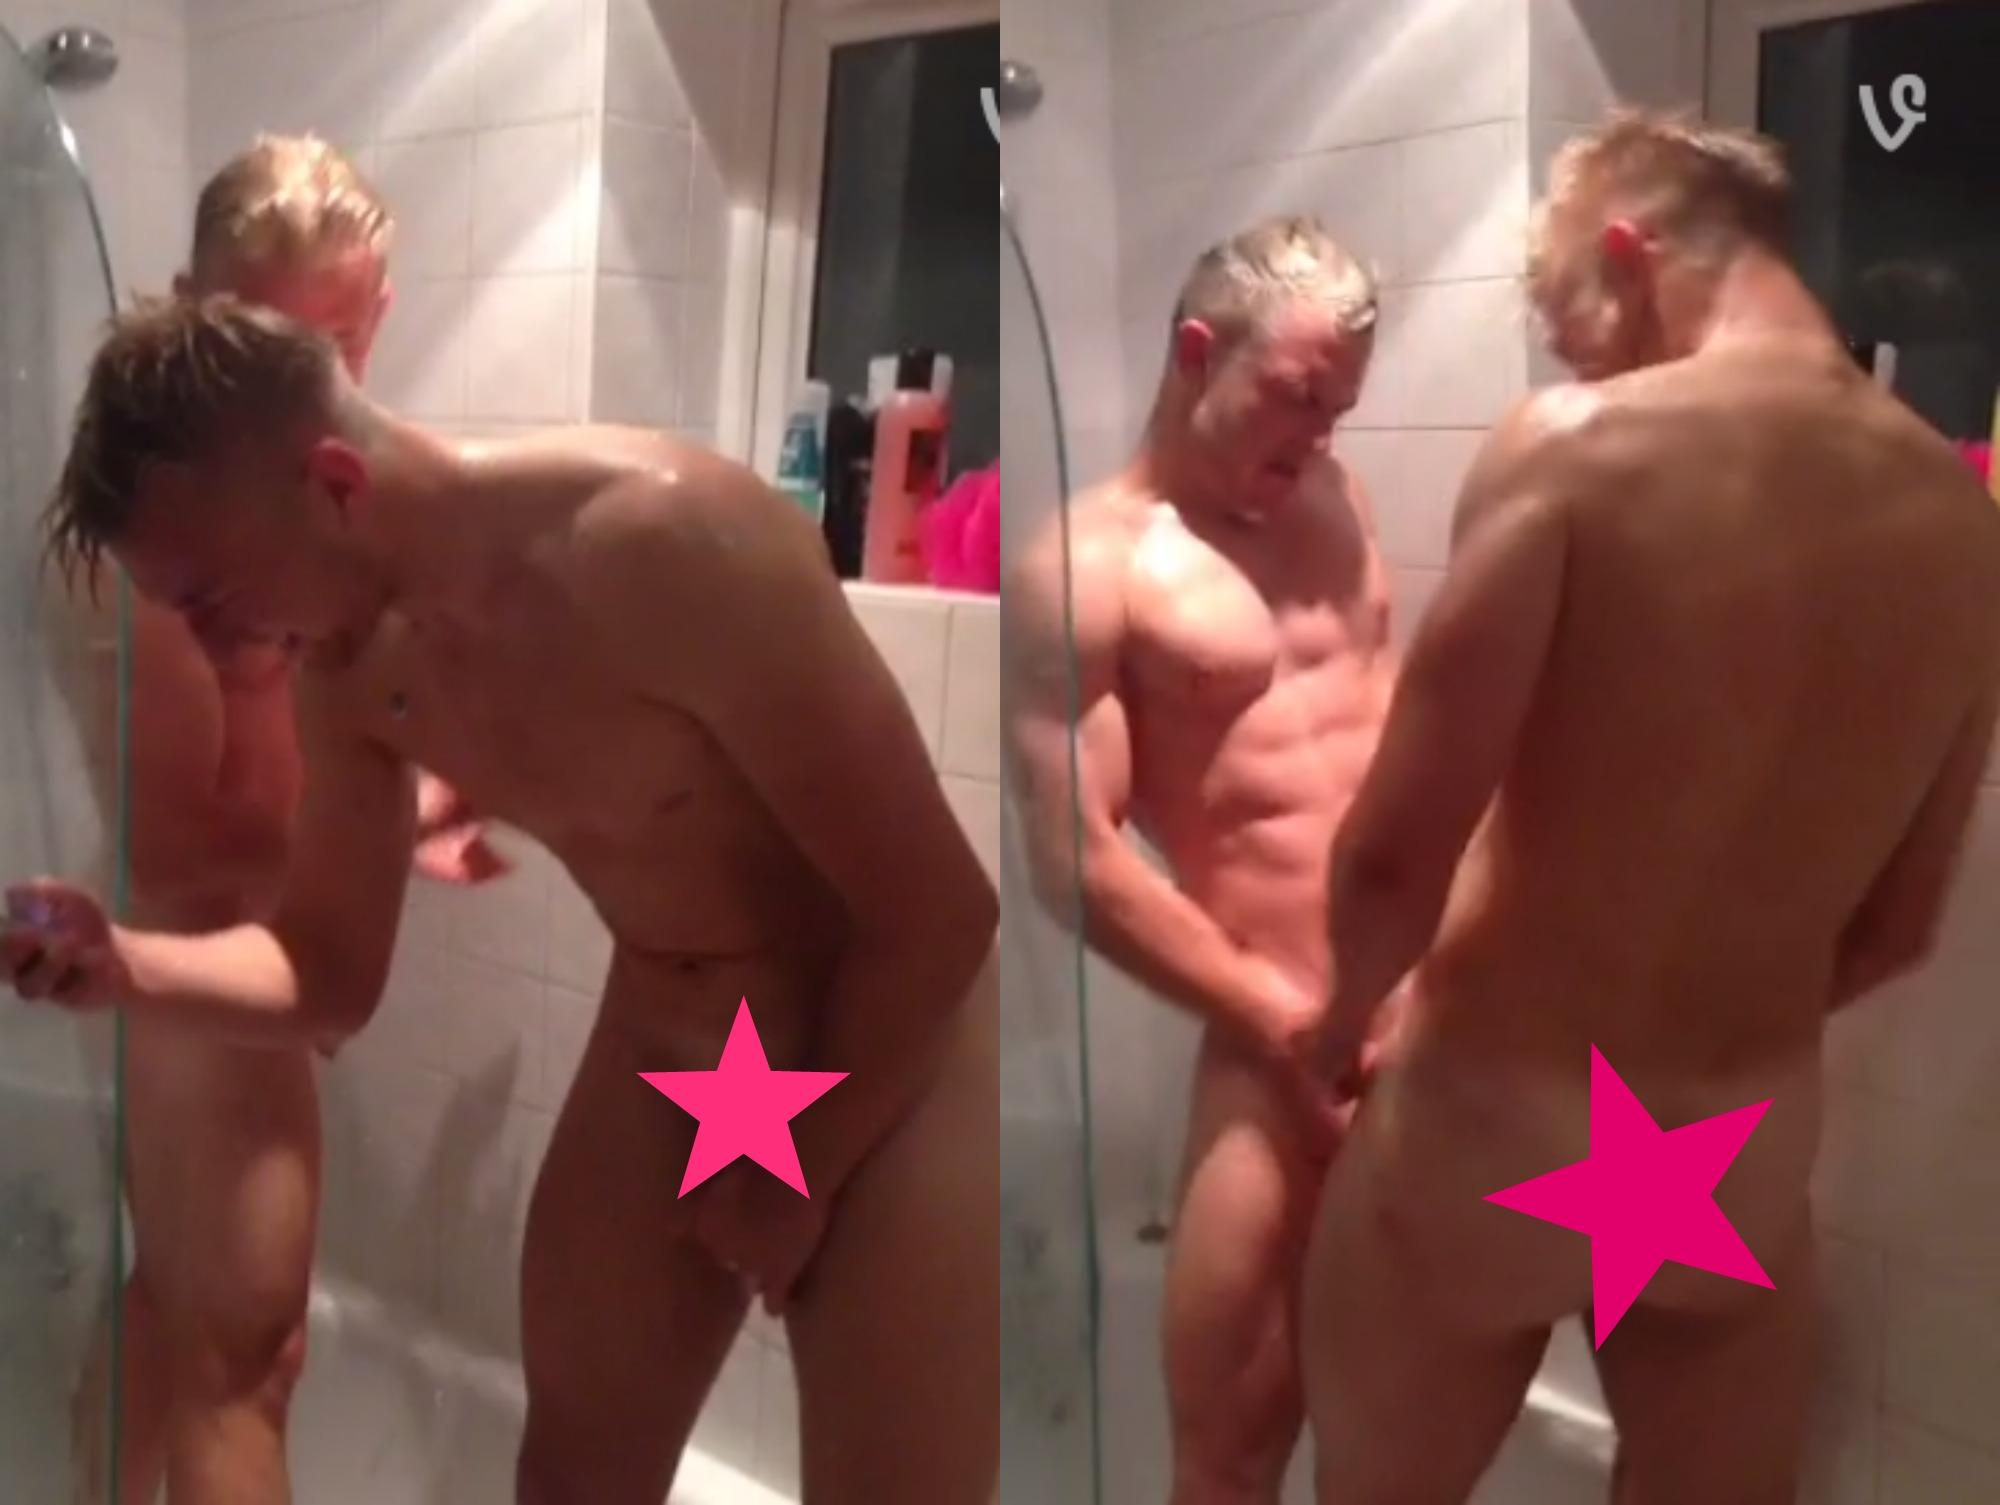 Men fighting nude